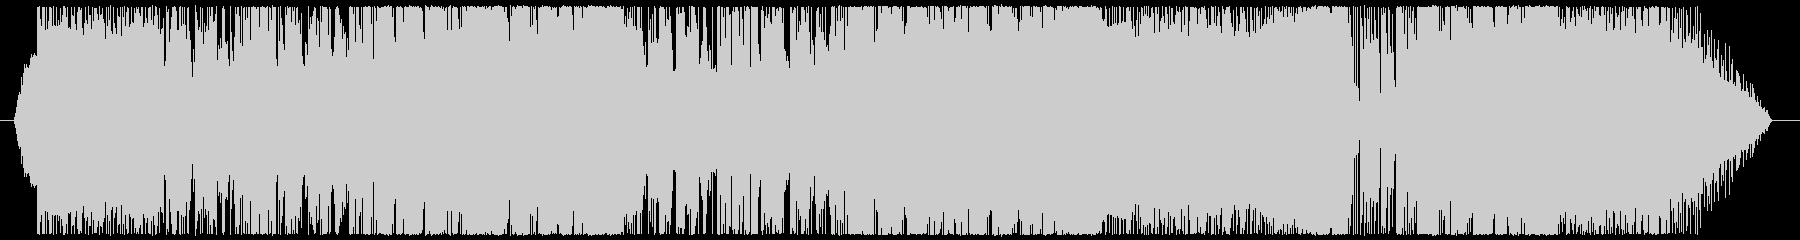 パワーポップ系の失恋ソングの未再生の波形